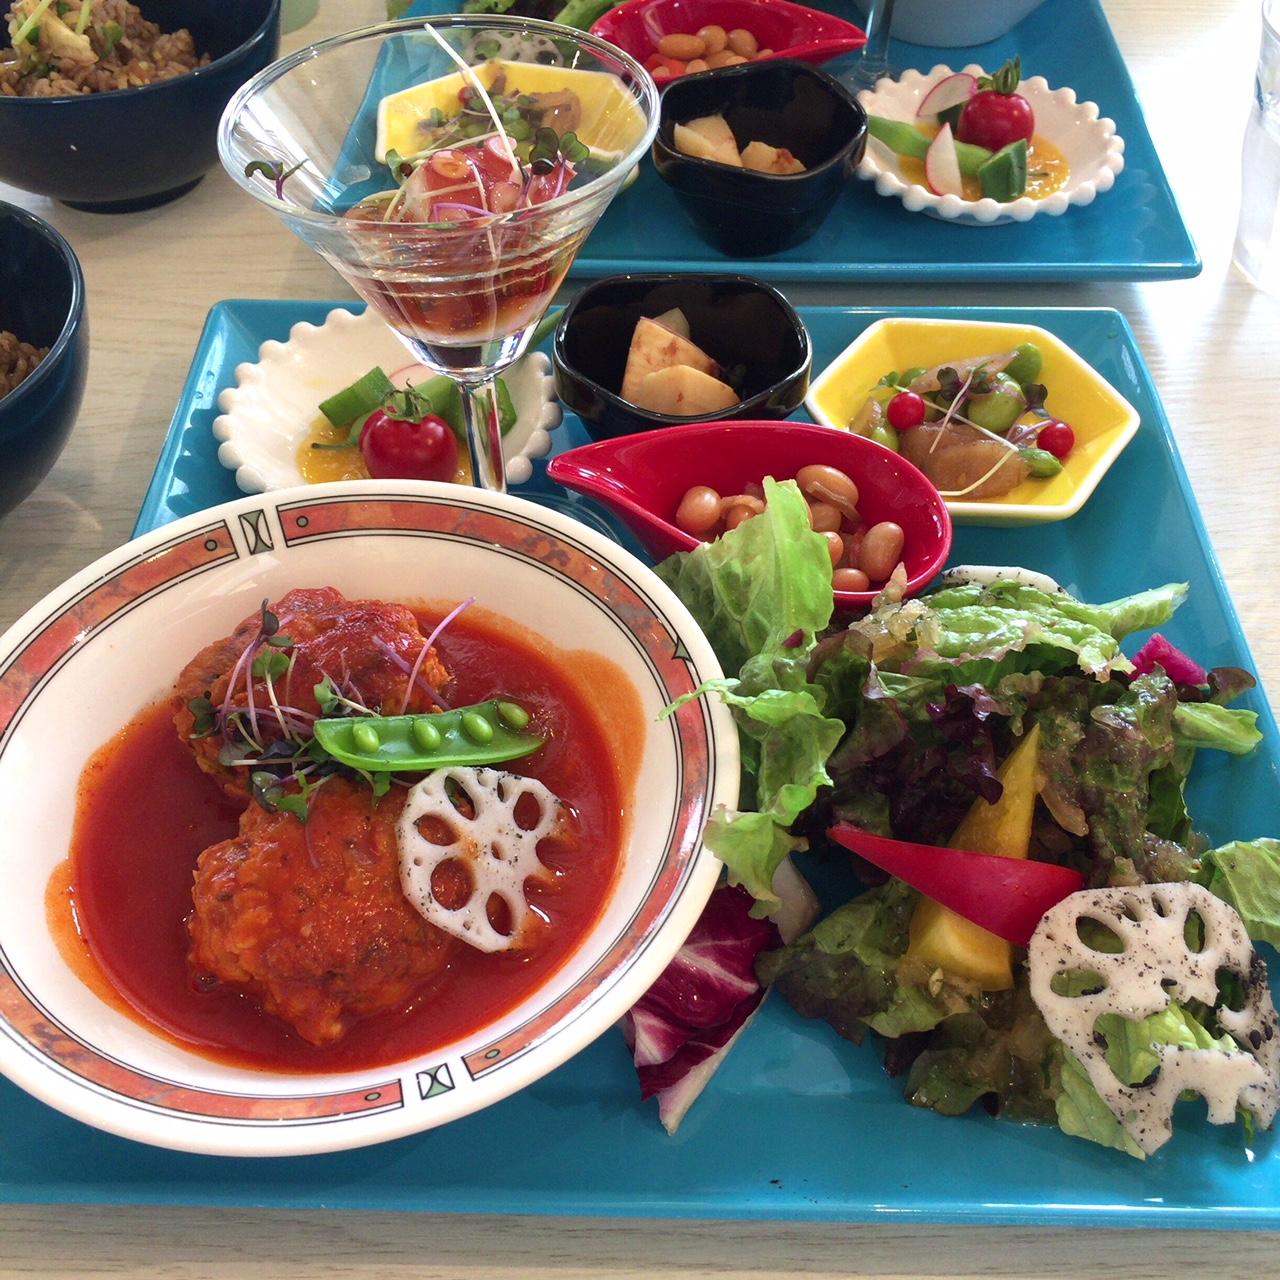 小幡|アンチエイジングの料理が美味しいと評判のカフェ